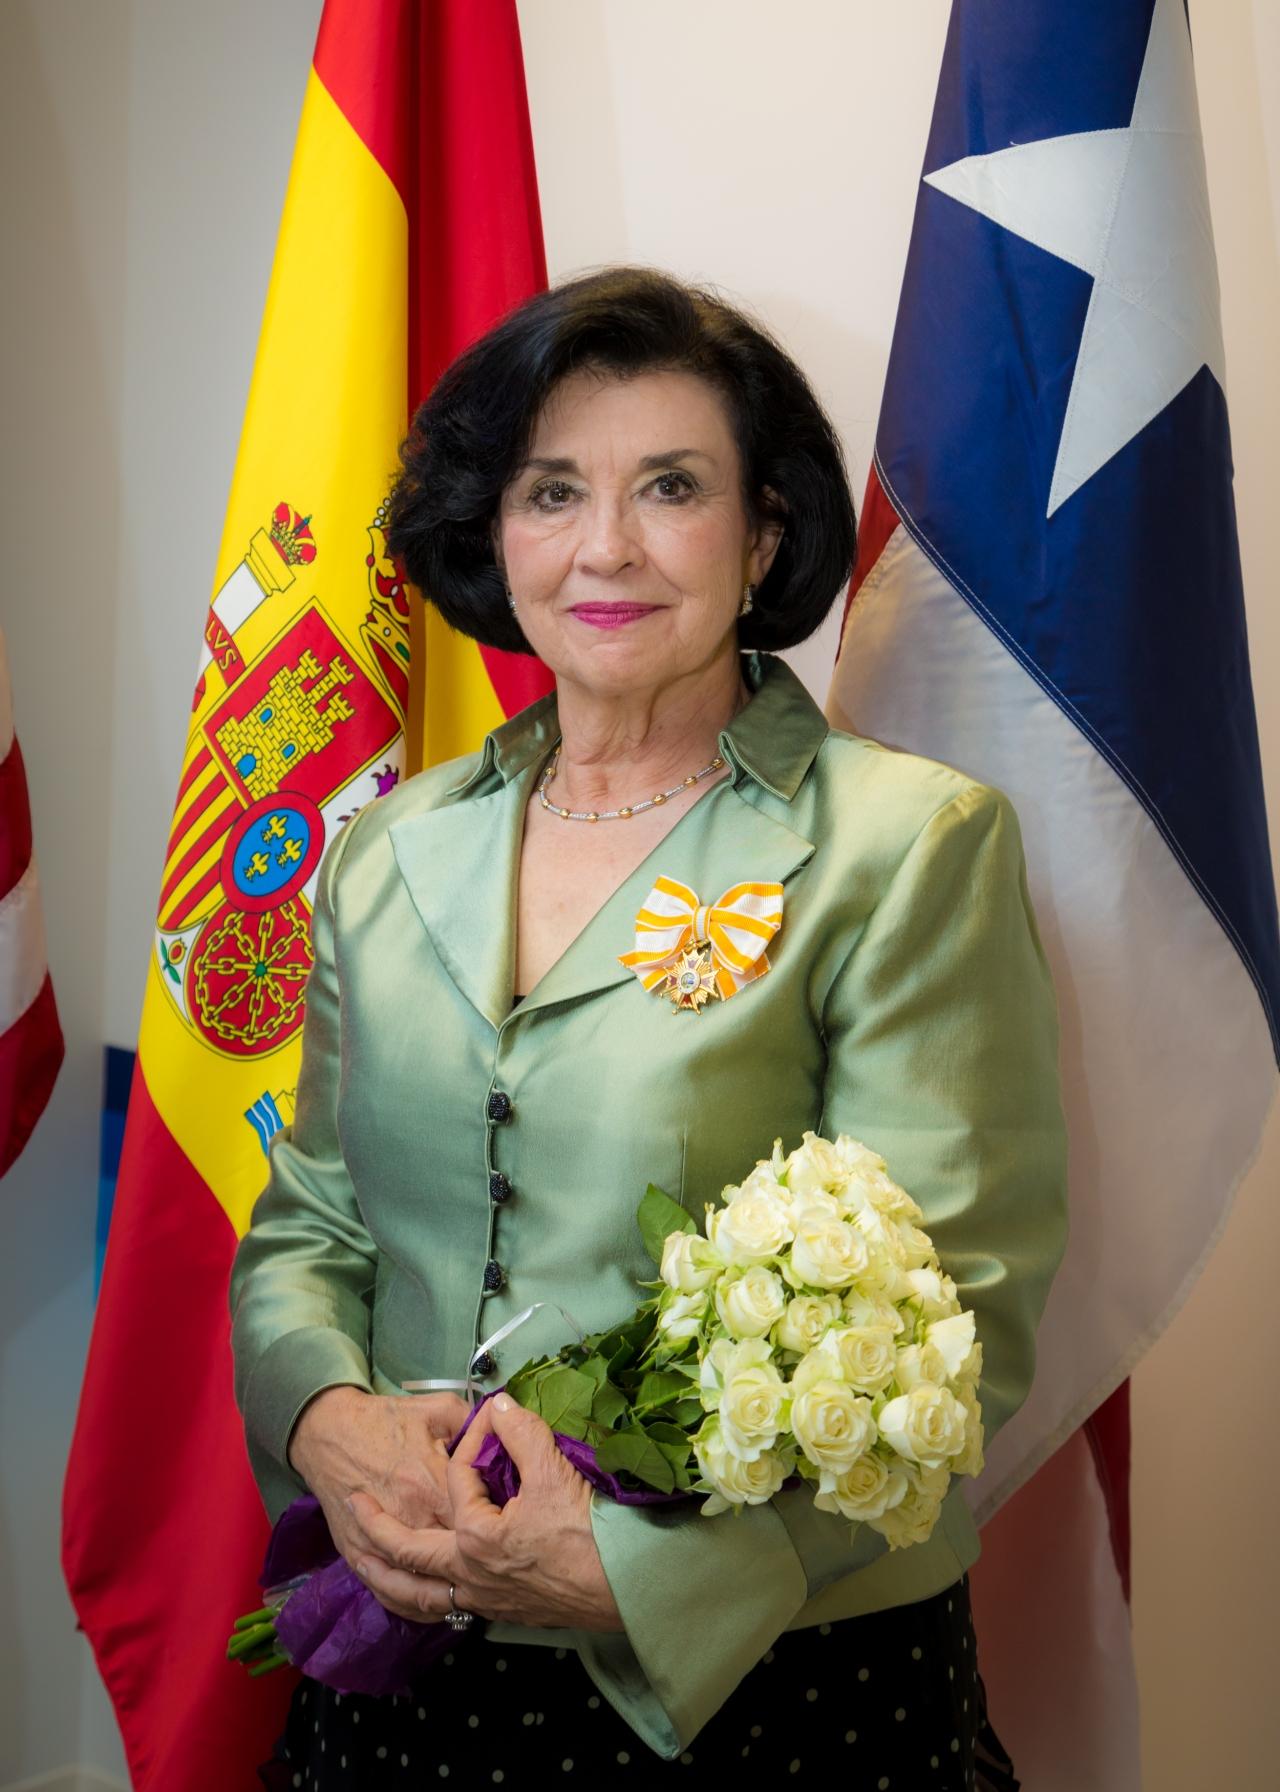 ¡Enhorabuena a nuestra colaboradora Mari Ángeles Gallardo!   Congratulations to our contributor Mari ÁngelesGallardo!